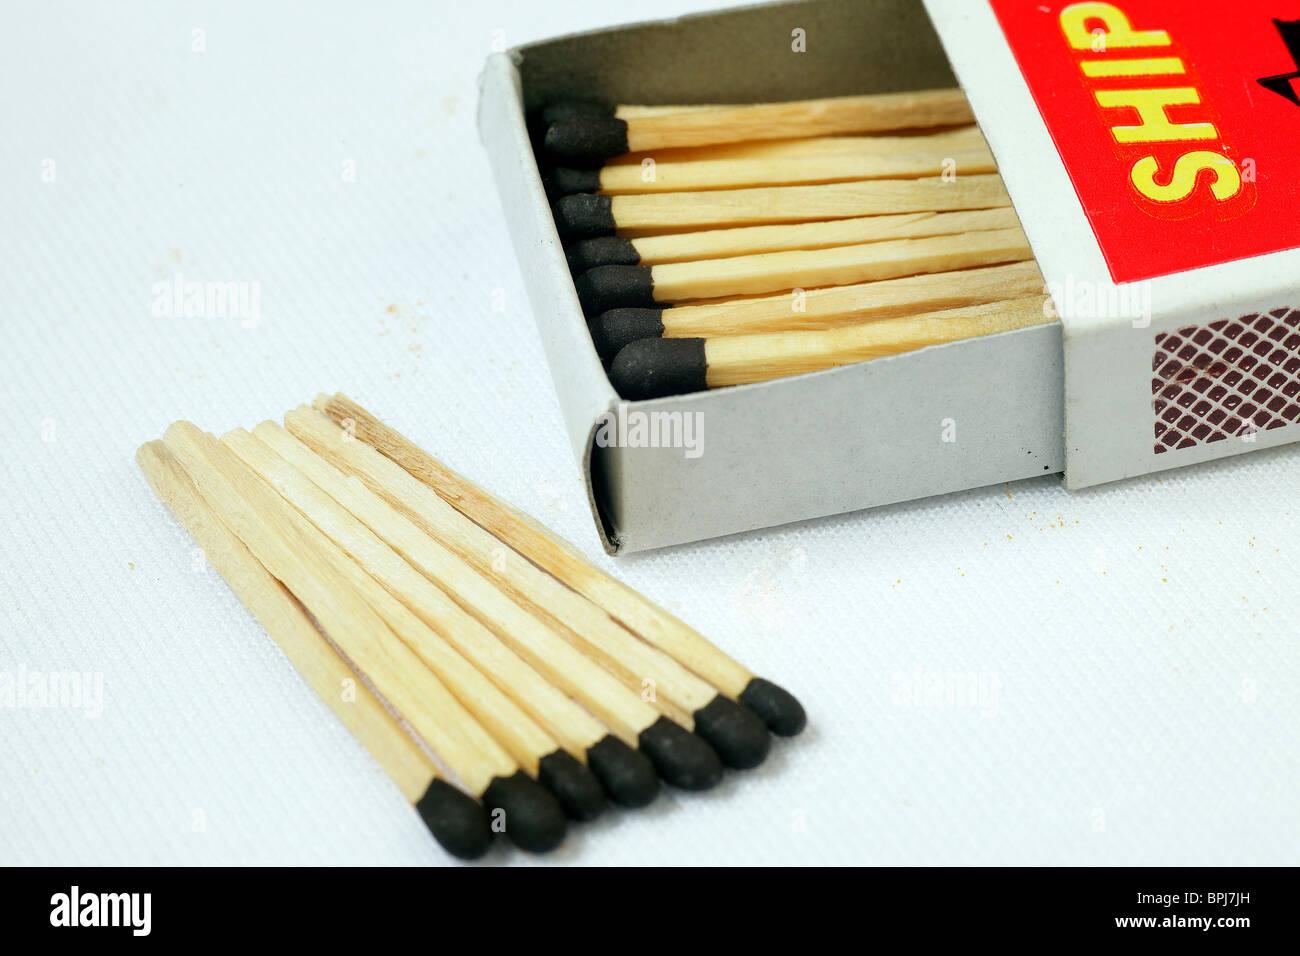 Matchbox & matchsticks - Stock Image